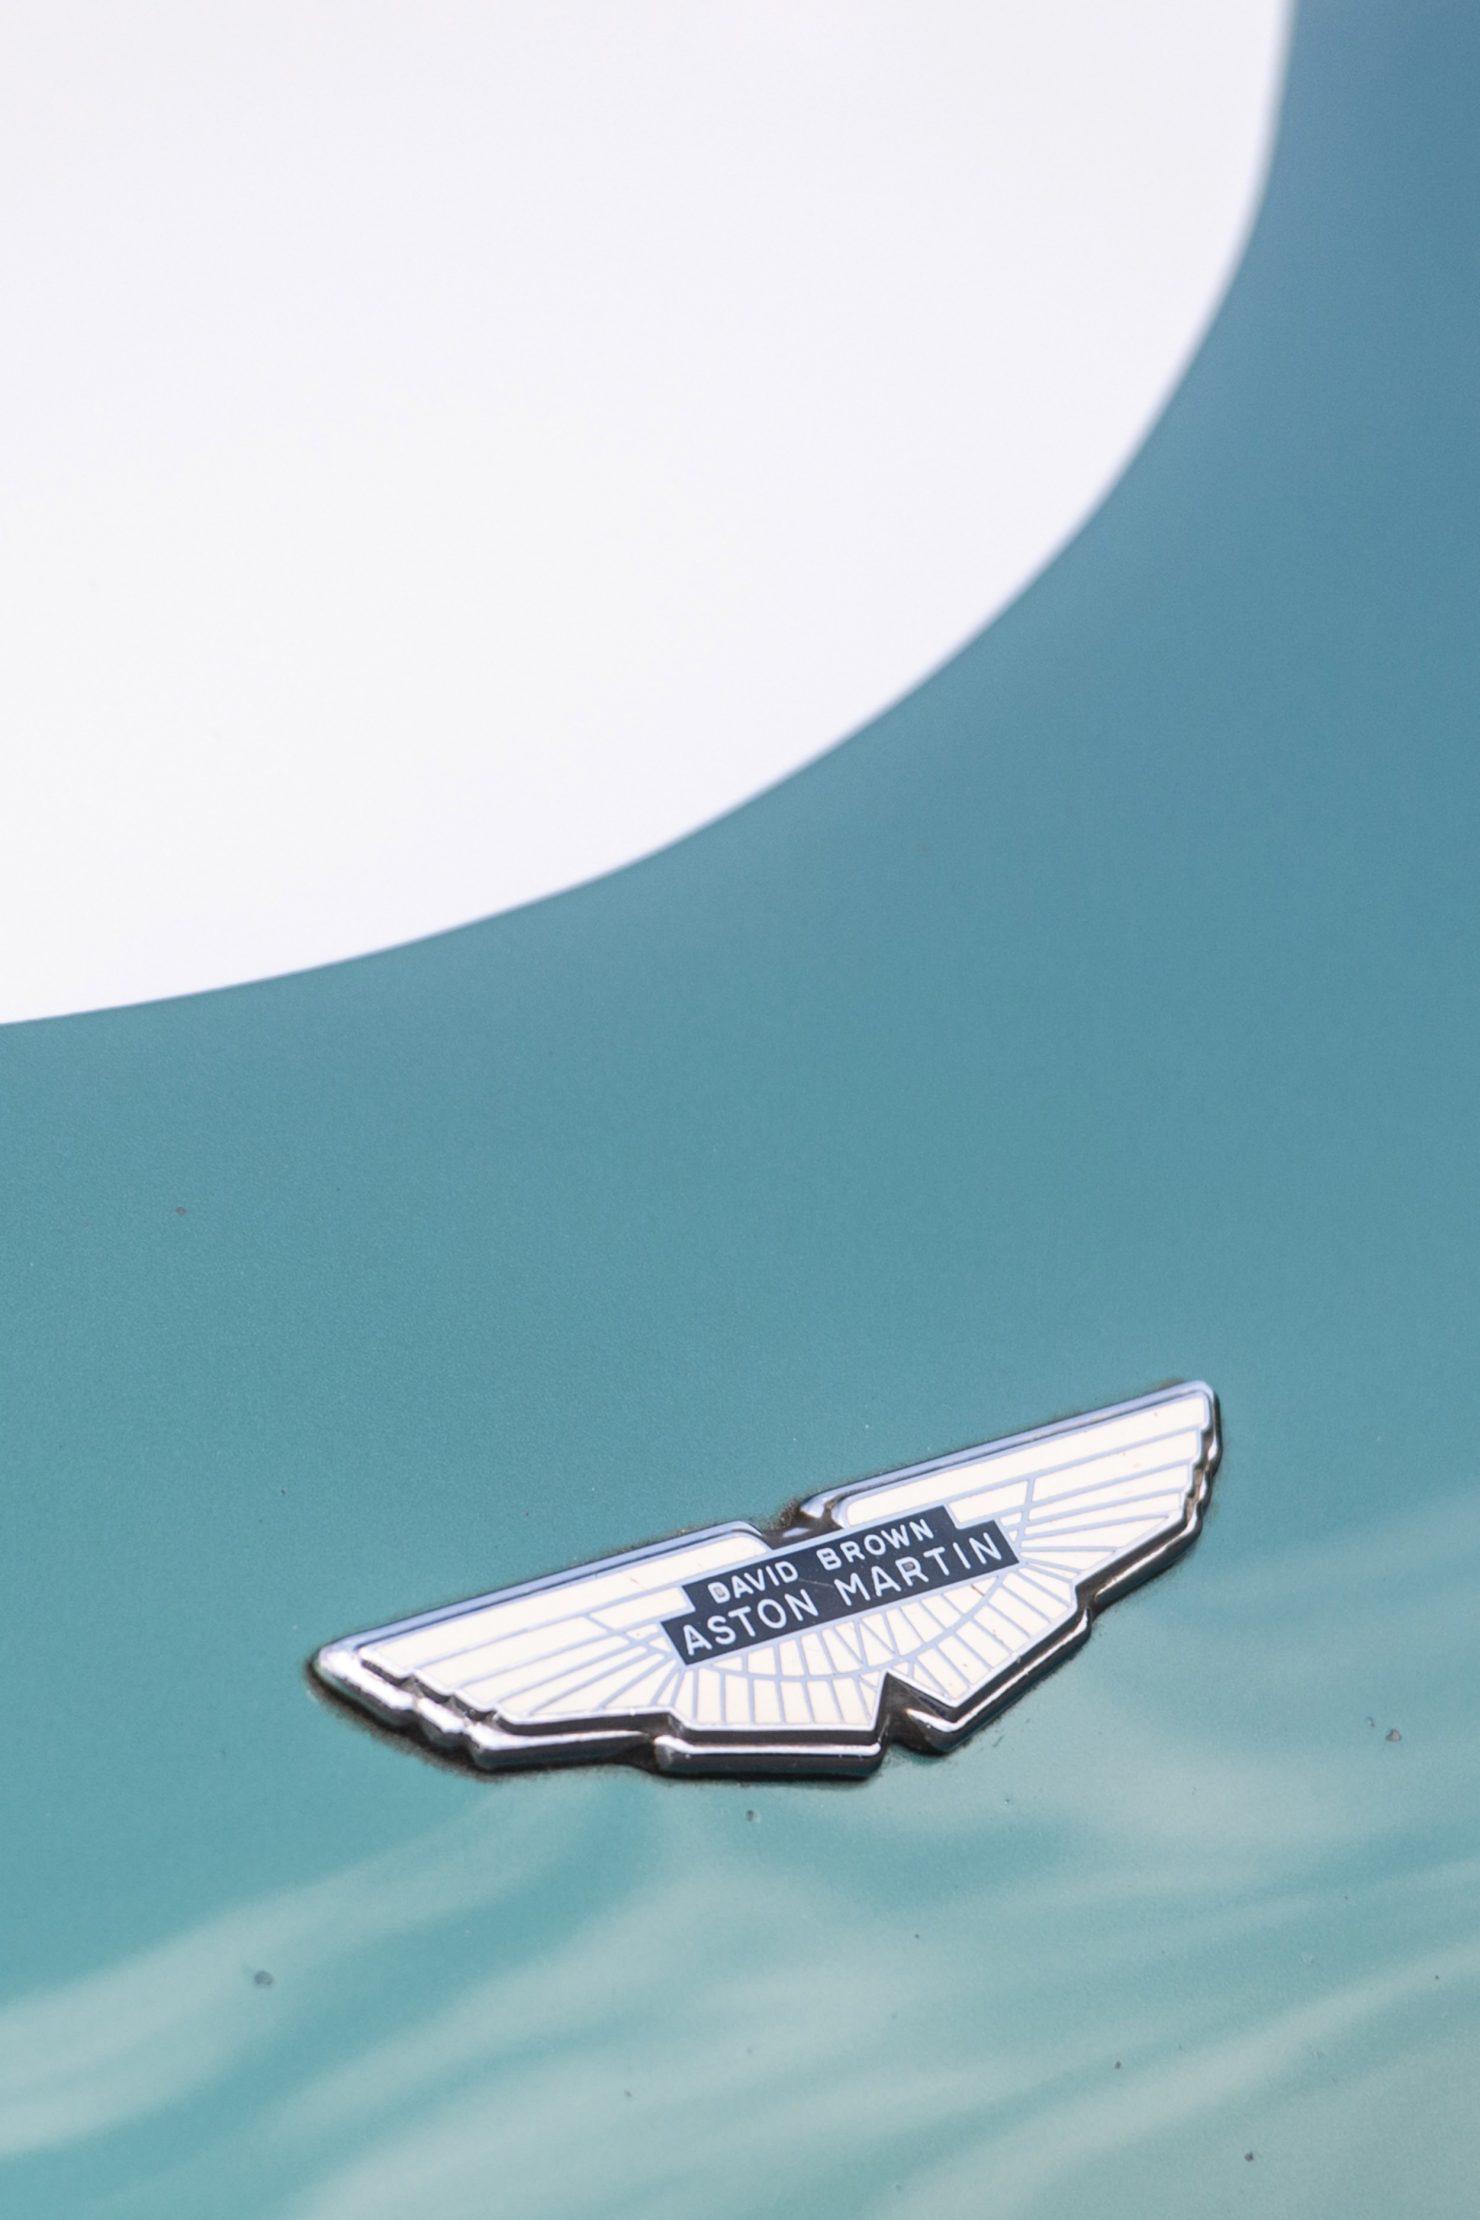 aston martin dbr1 10 1480x2220 - 1956 Aston Martin DBR1